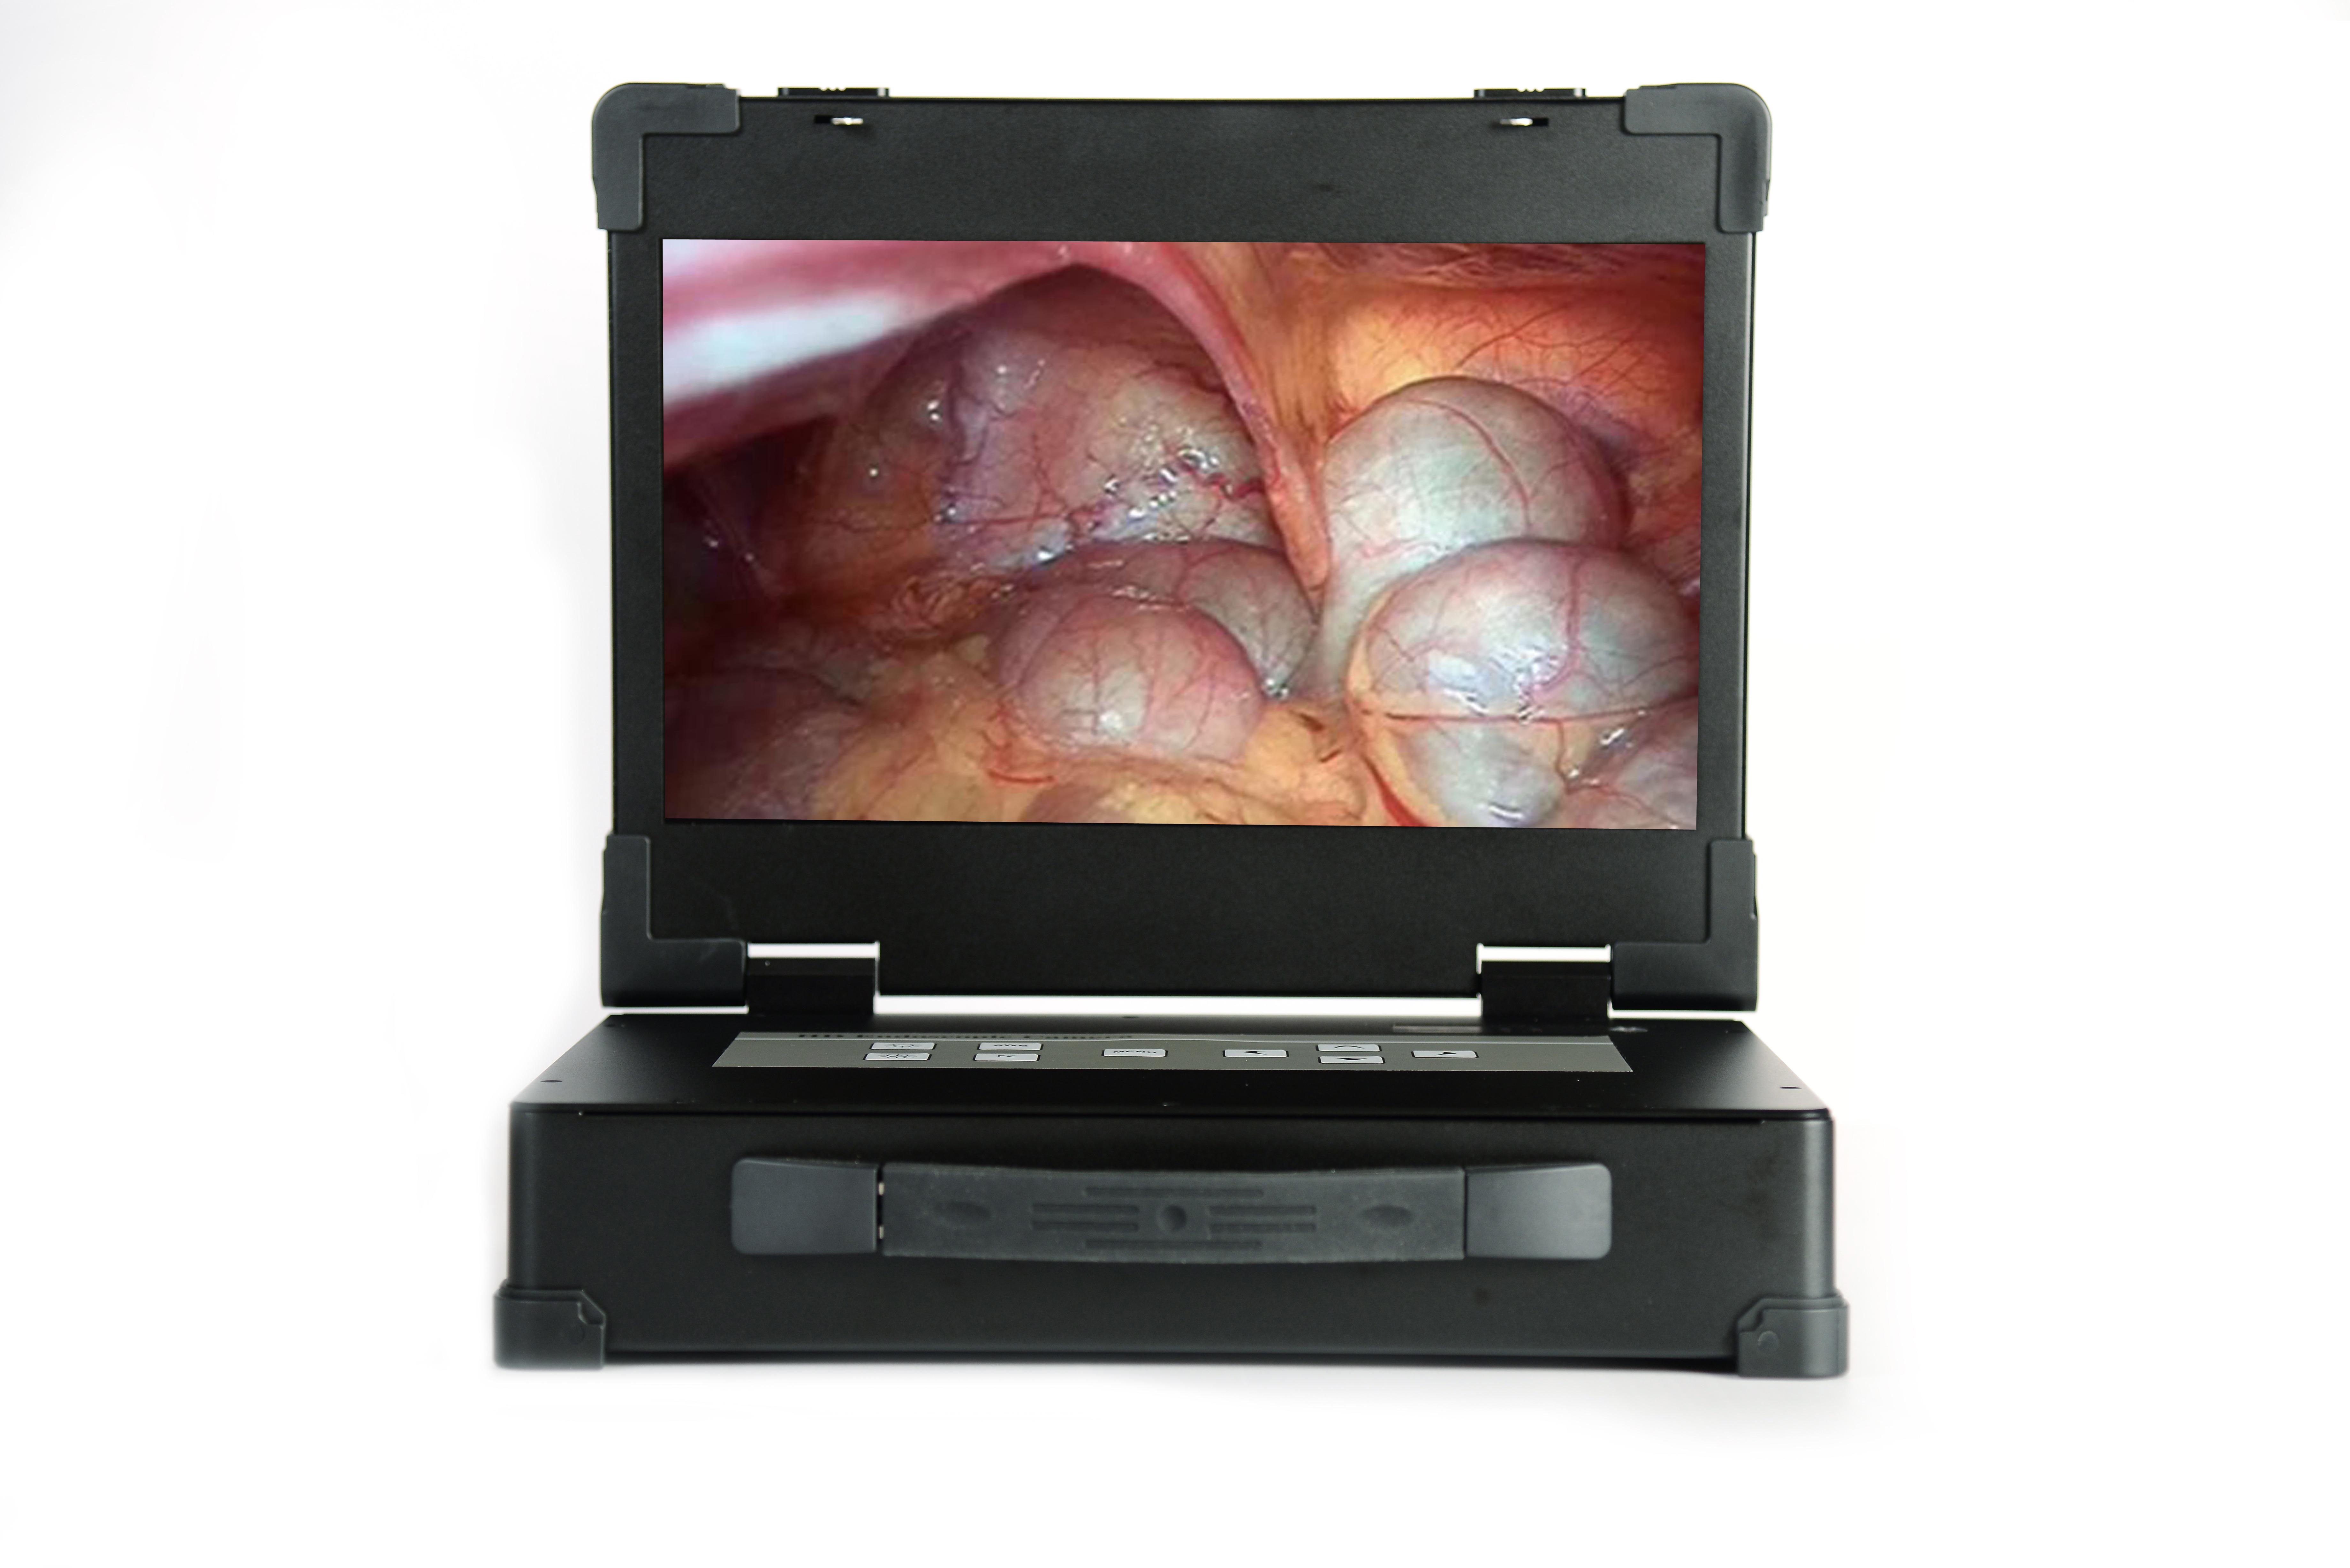 USB cámara 2.0 endoscopio